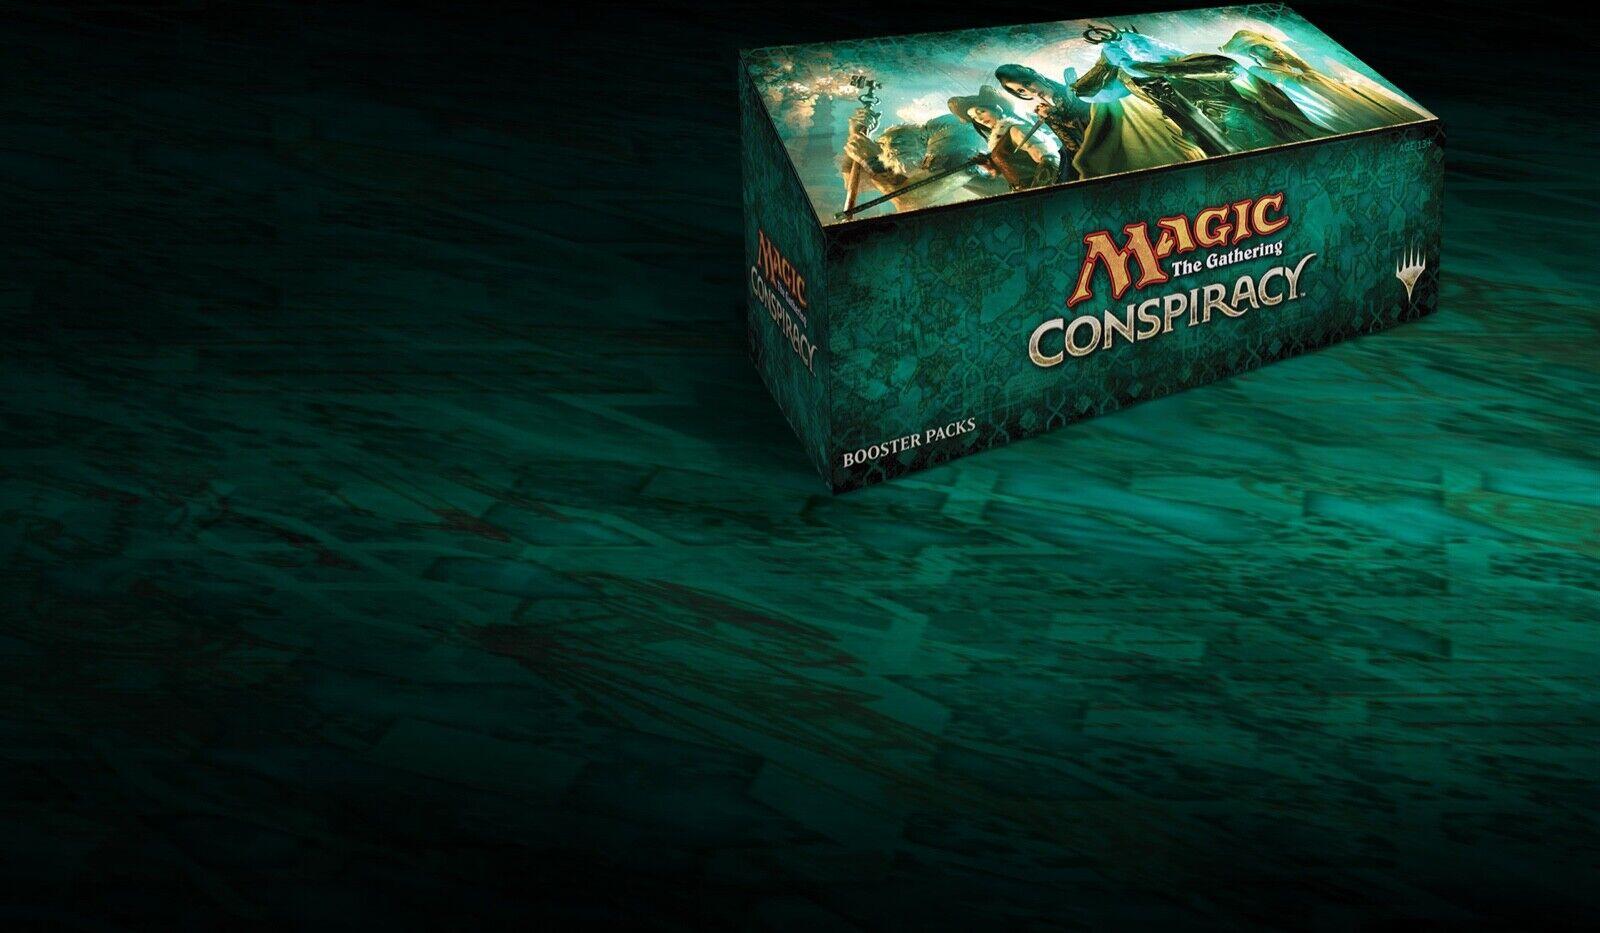 Magiska sammankomsten  Konspiration komplett uppsättning oplanrad MTG